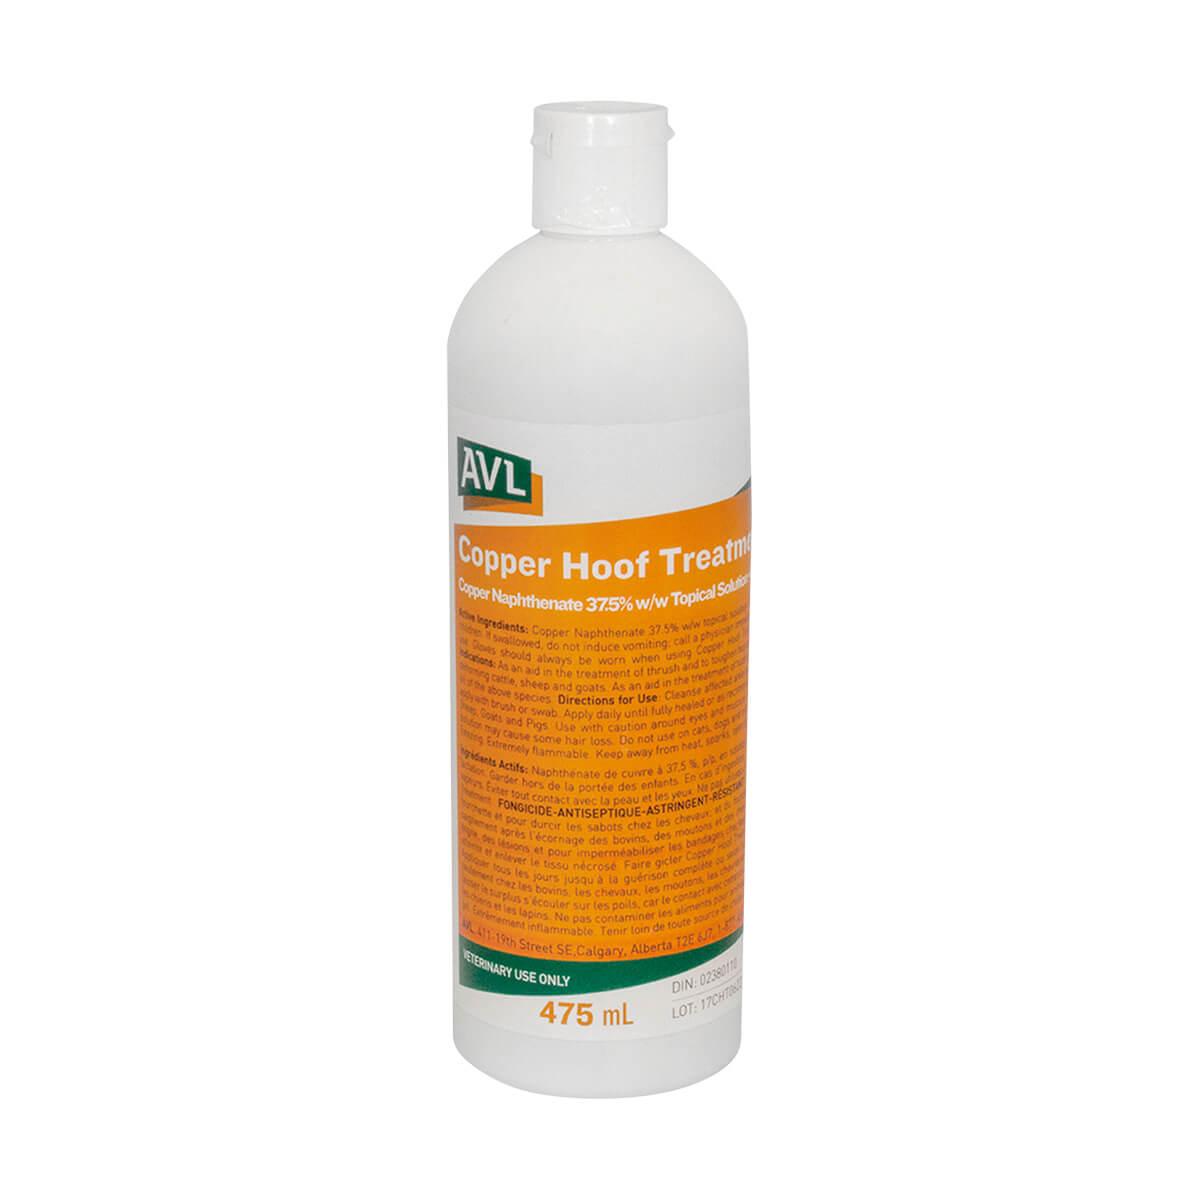 Copper Hoof Treatment - 475 ml